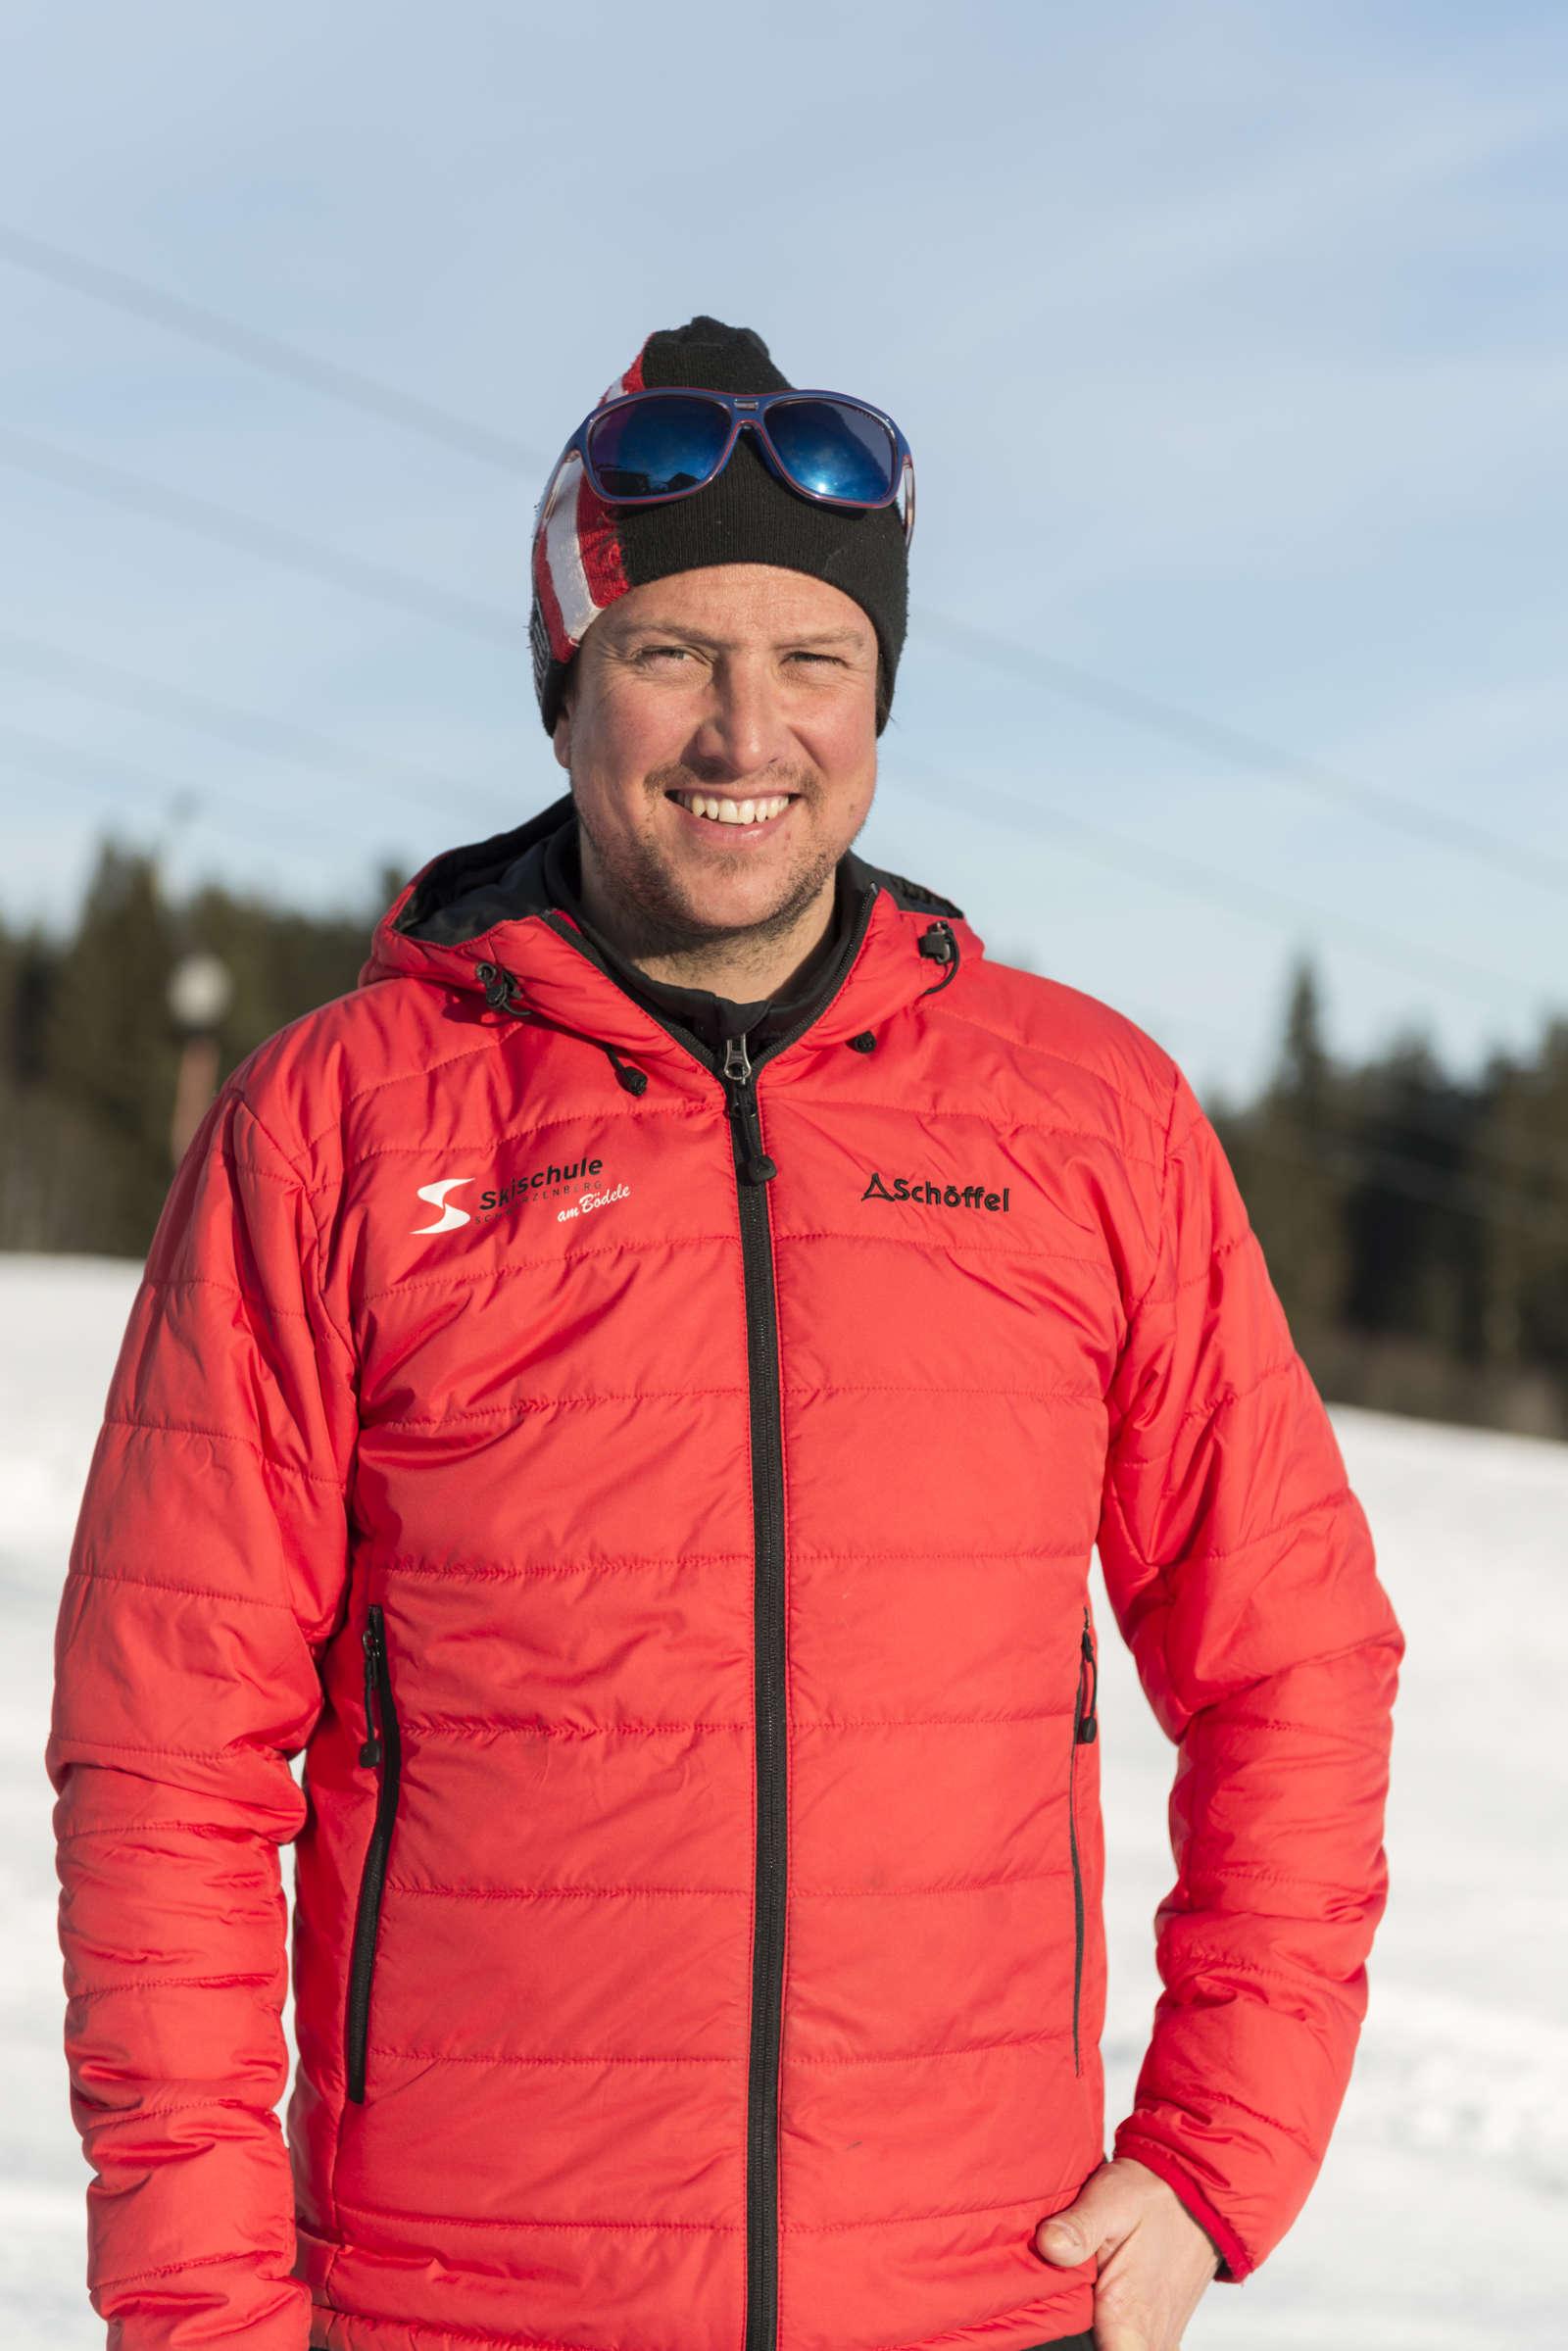 Daniel-Paluselli-Inhaber-Skischule-Schwarzenberg